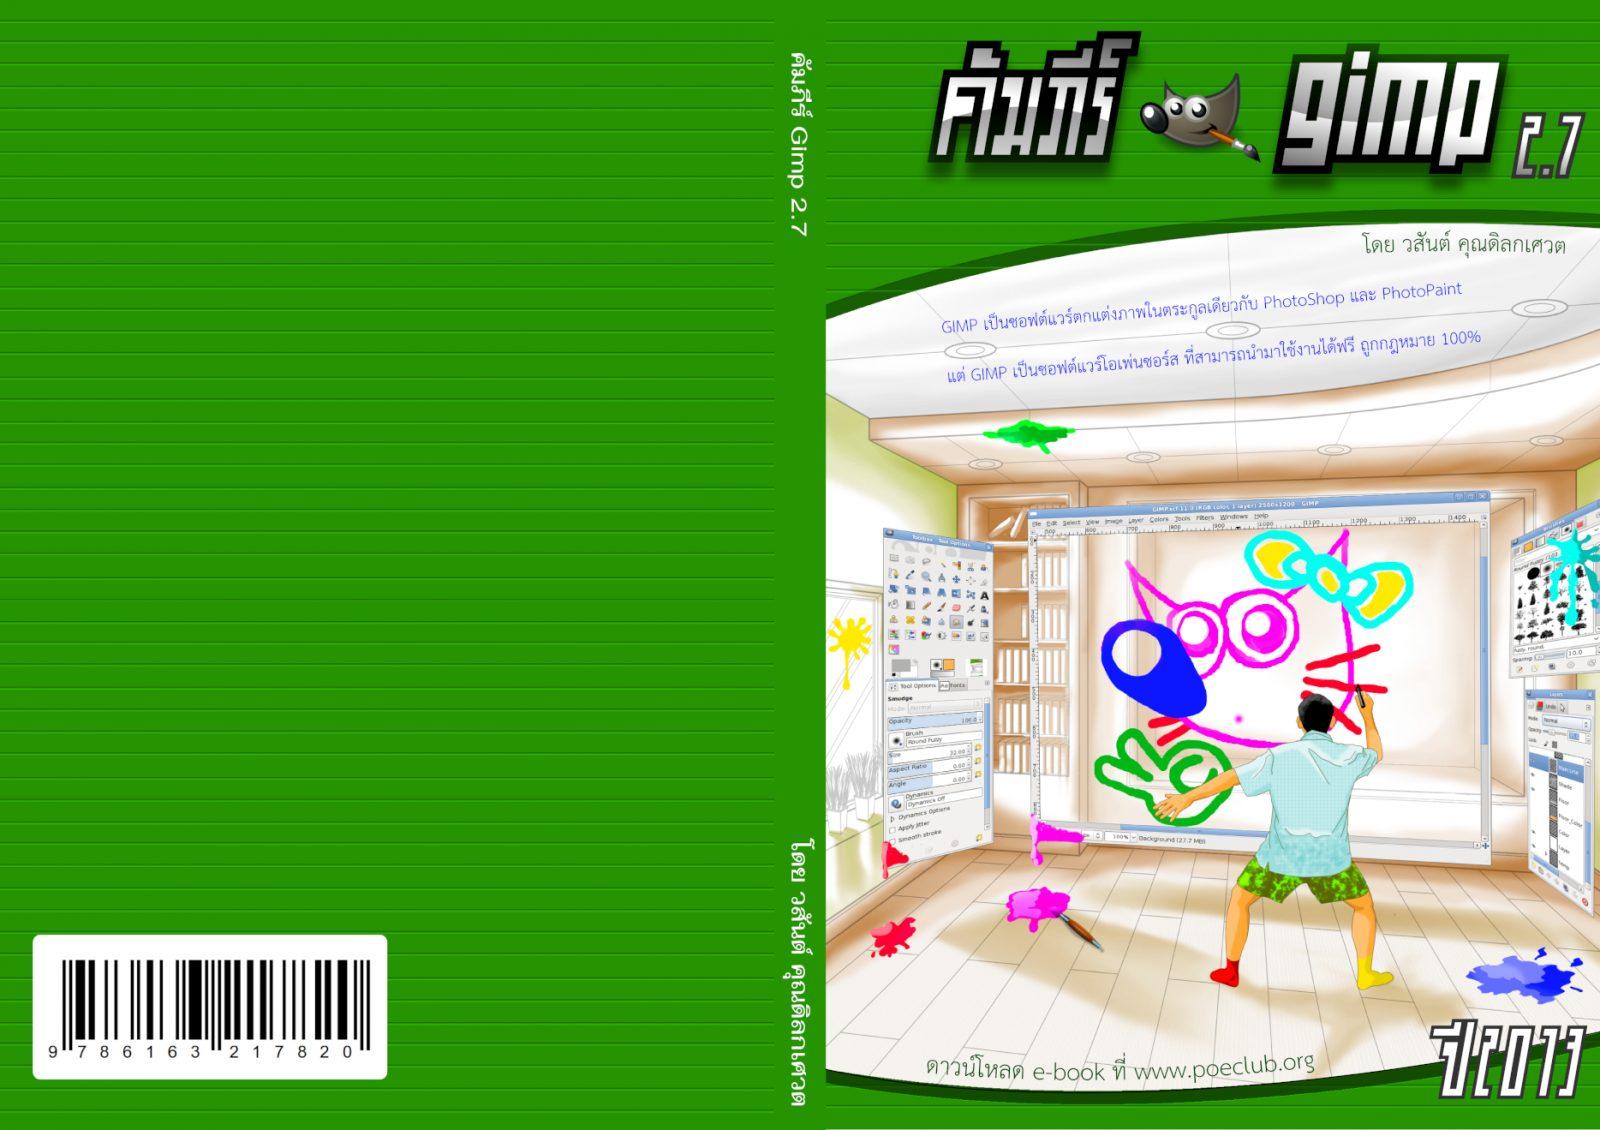 Gimp_Book_Cover_1920x1319